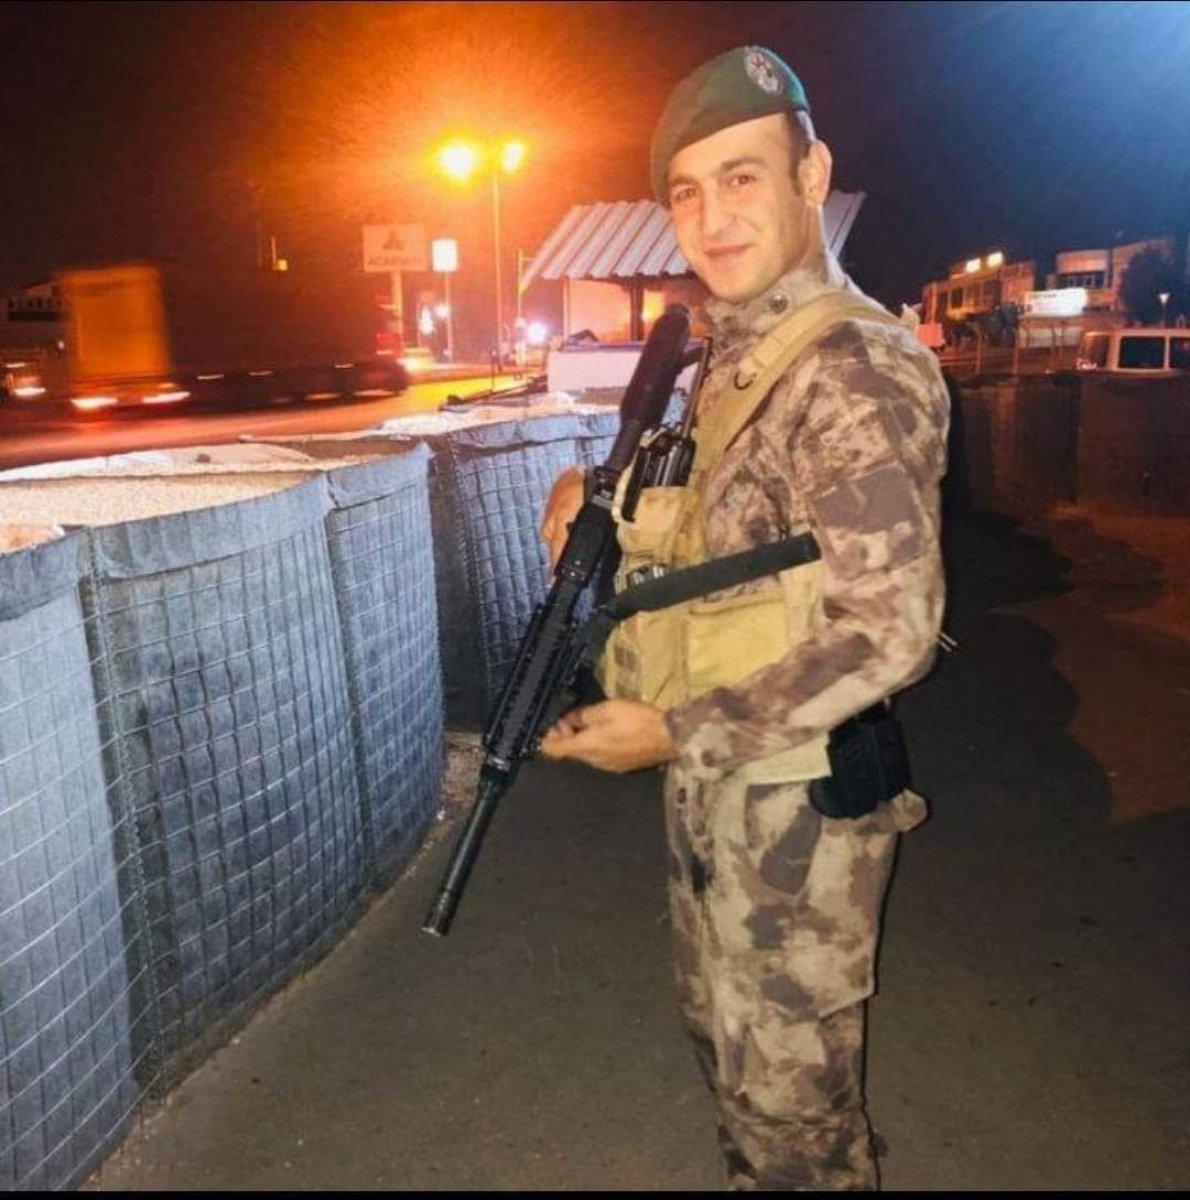 İçişleri Bakanlığı: 2 özel harekat polisi şehit oldu #5